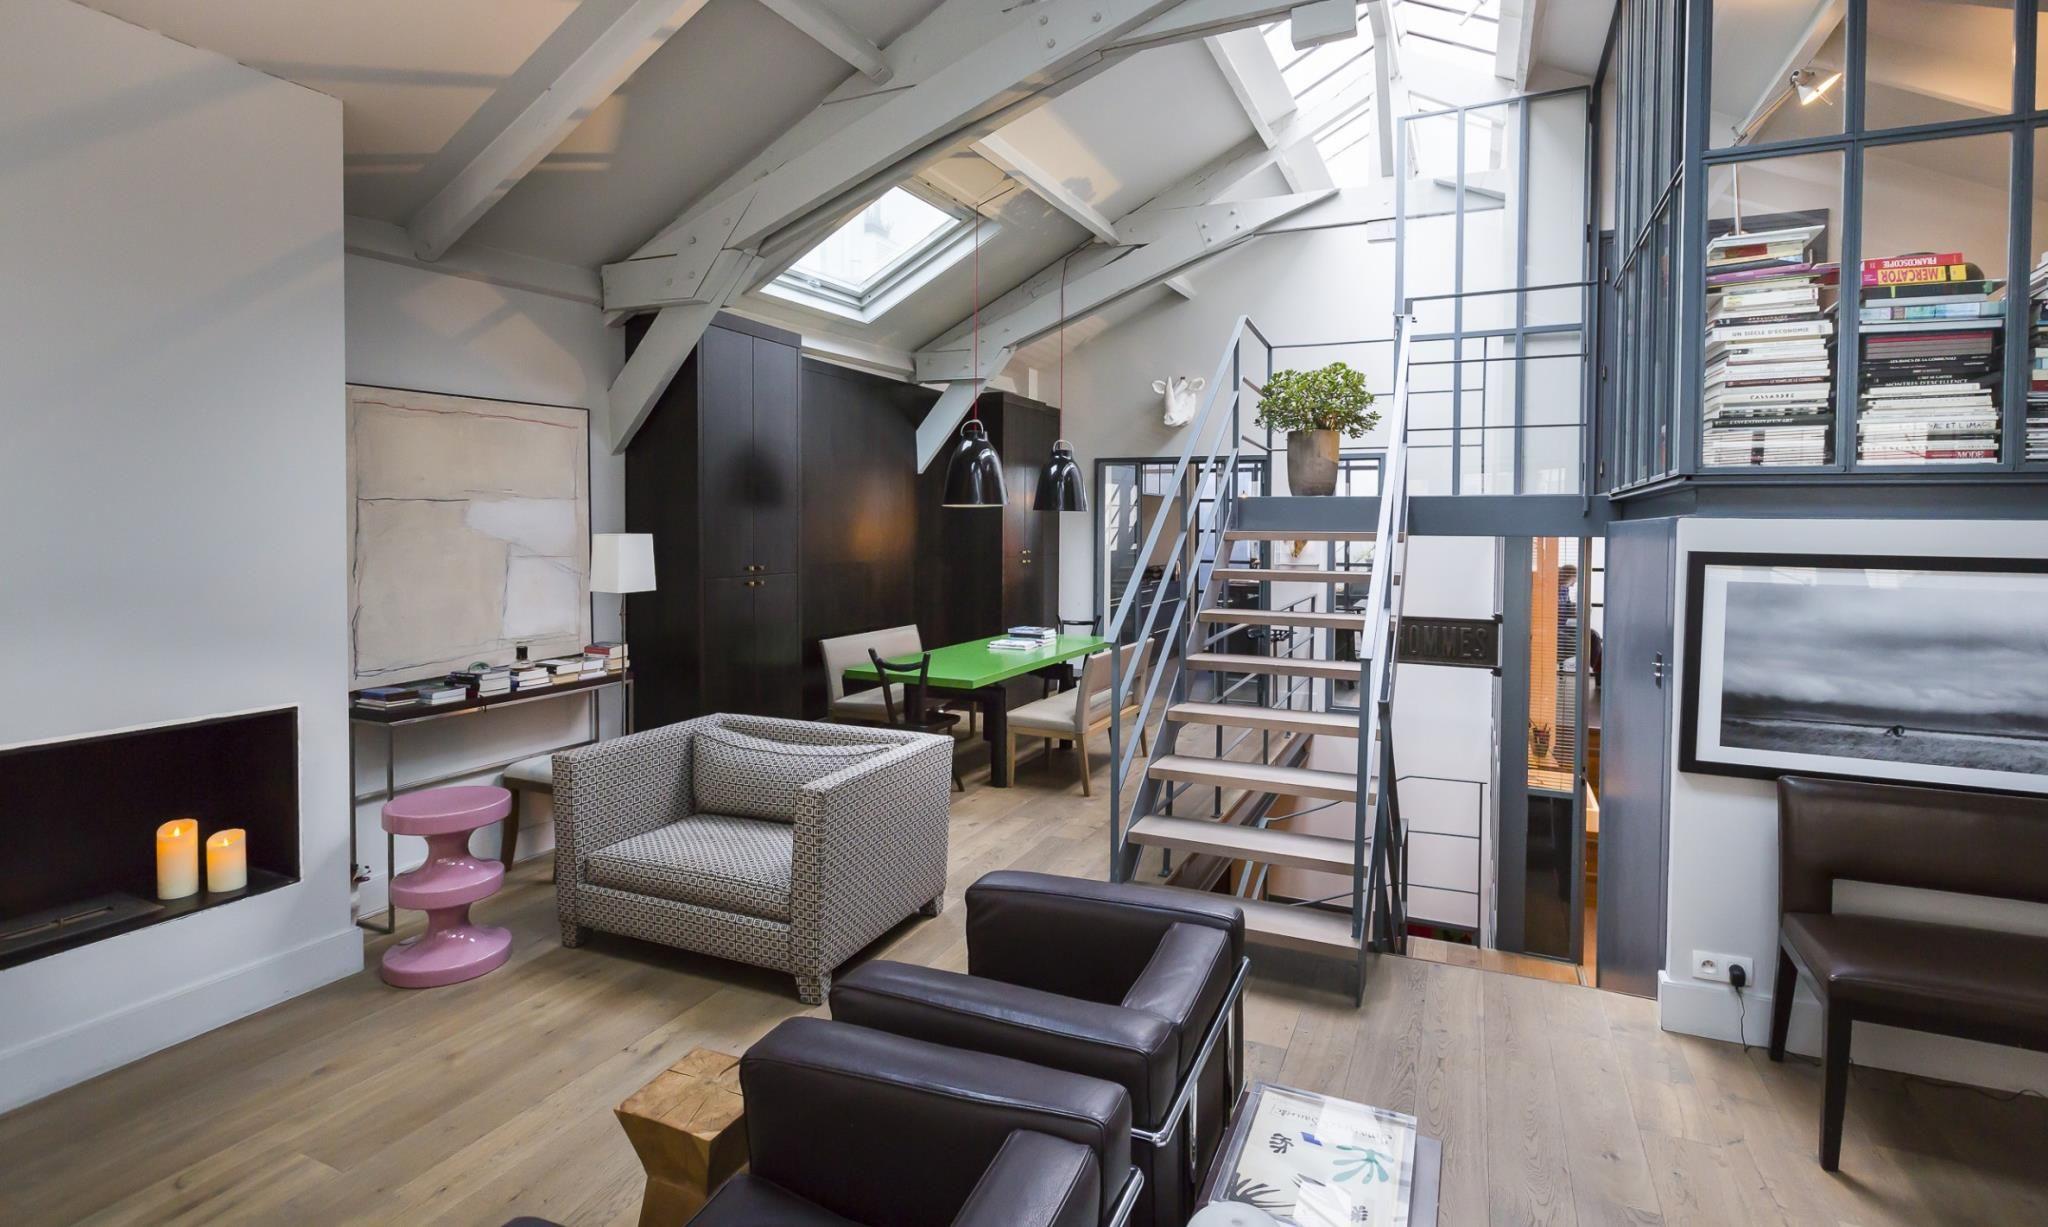 Room Converted workshop in Paris 2048x1227